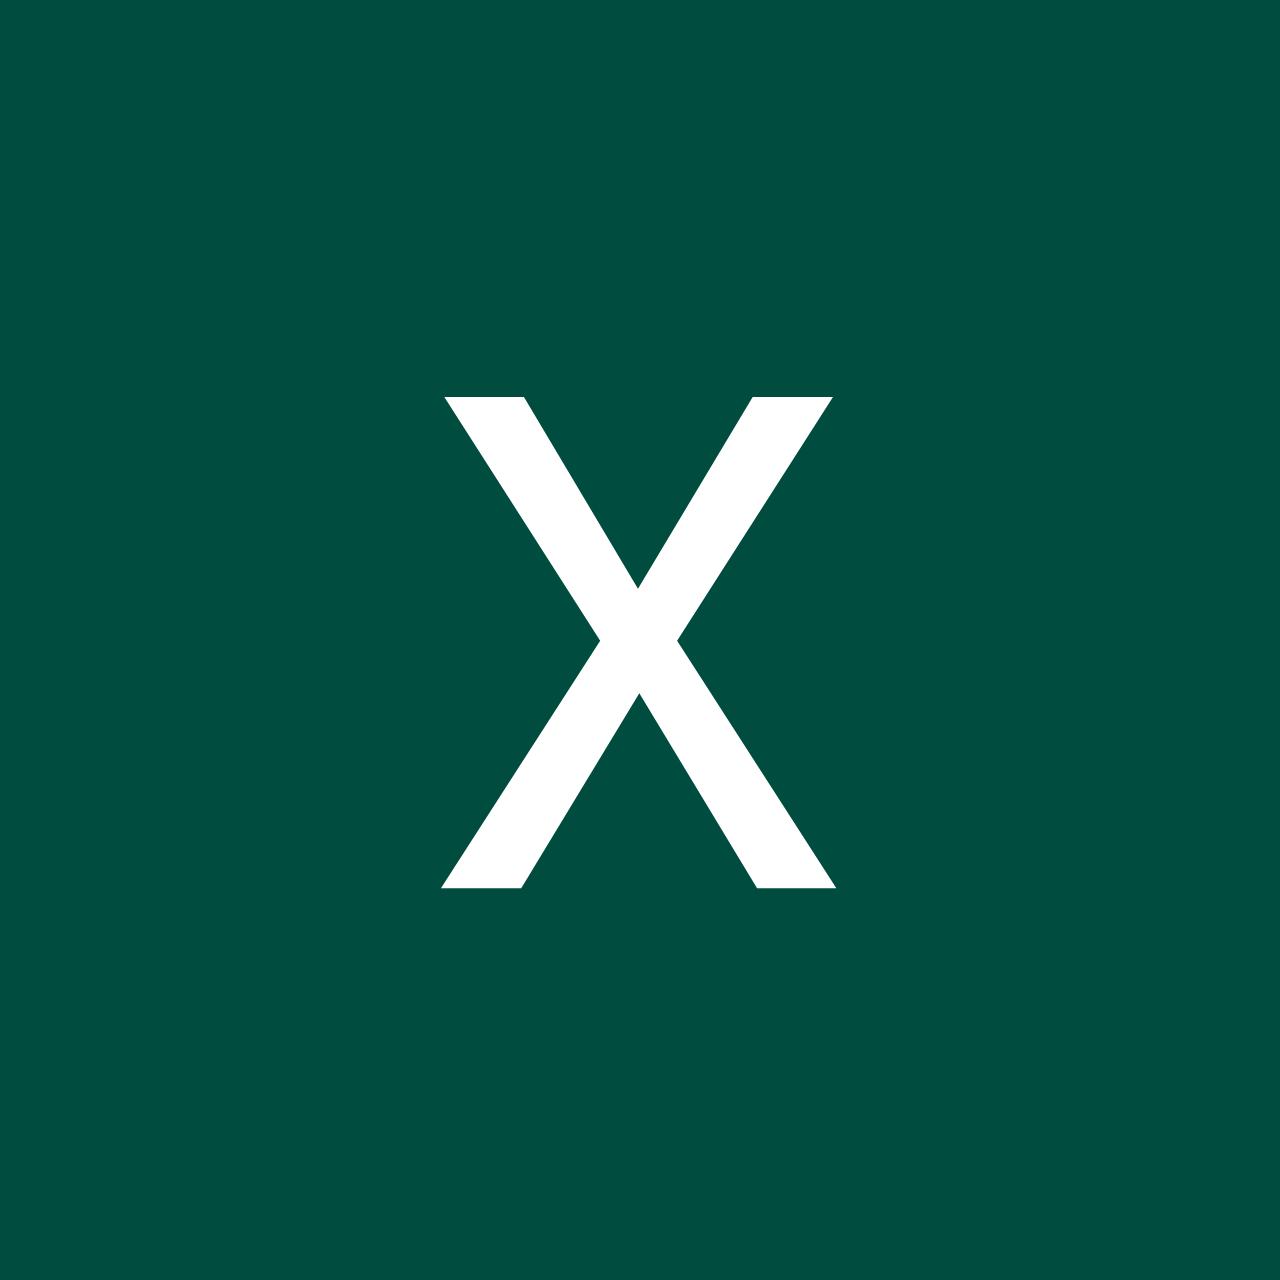 XGN Rippr